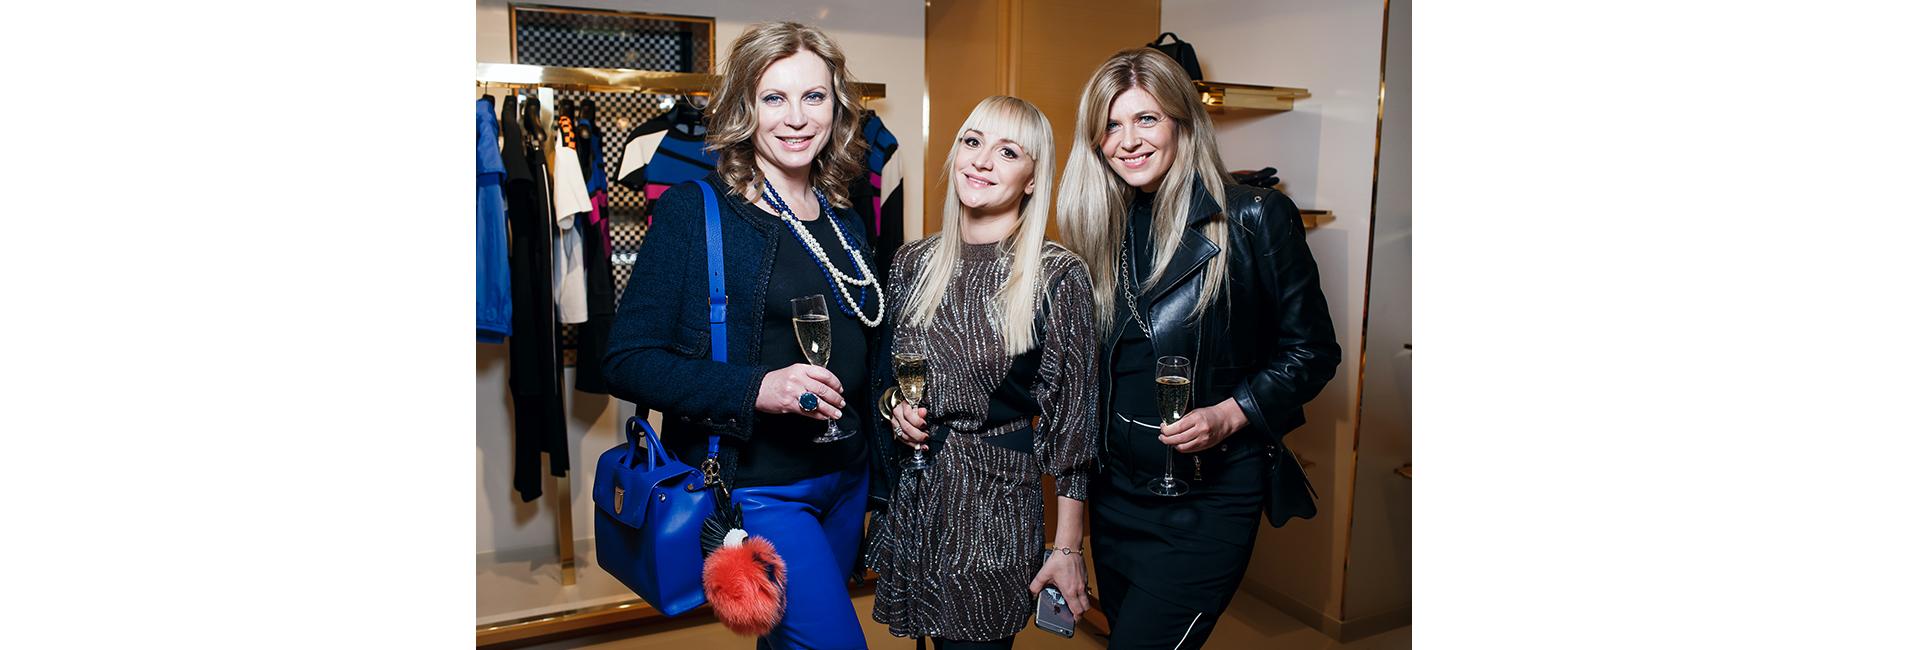 В Москве прошла вечеринка Louis Vuitton (фото 2)